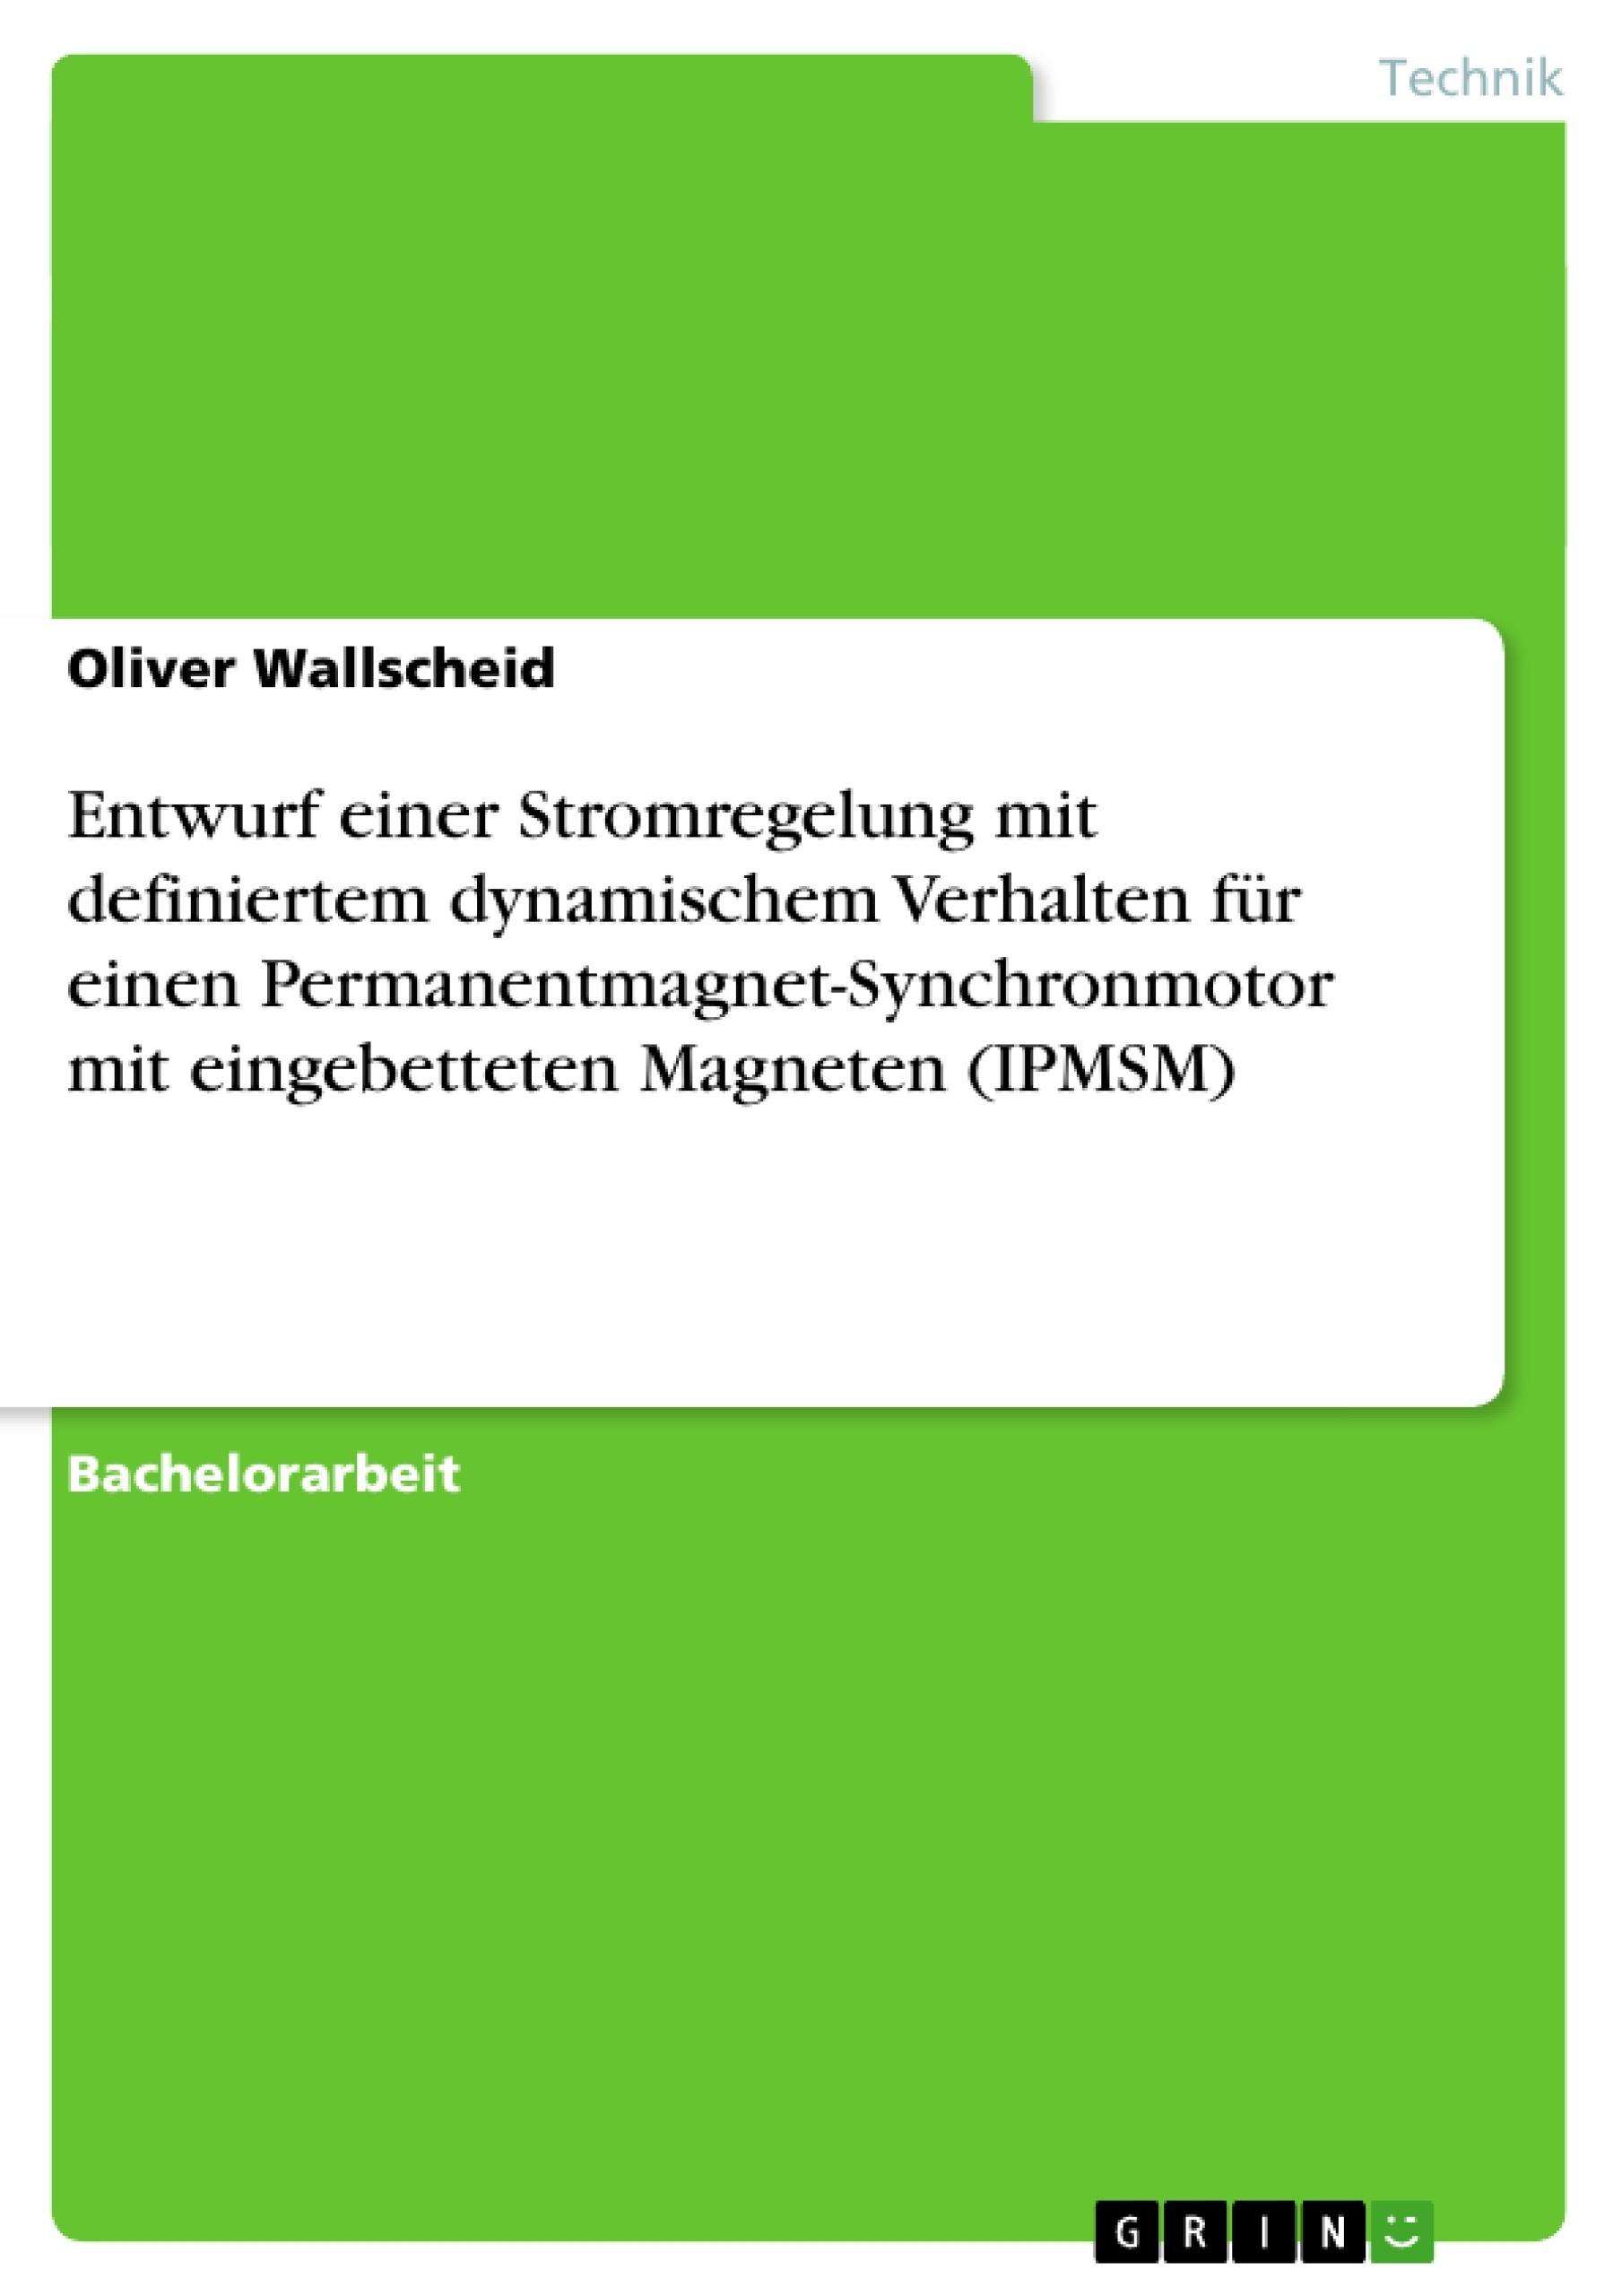 Titel: Entwurf einer Stromregelung mit definiertem dynamischem Verhalten für einen Permanentmagnet-Synchronmotor mit eingebetteten Magneten (IPMSM)